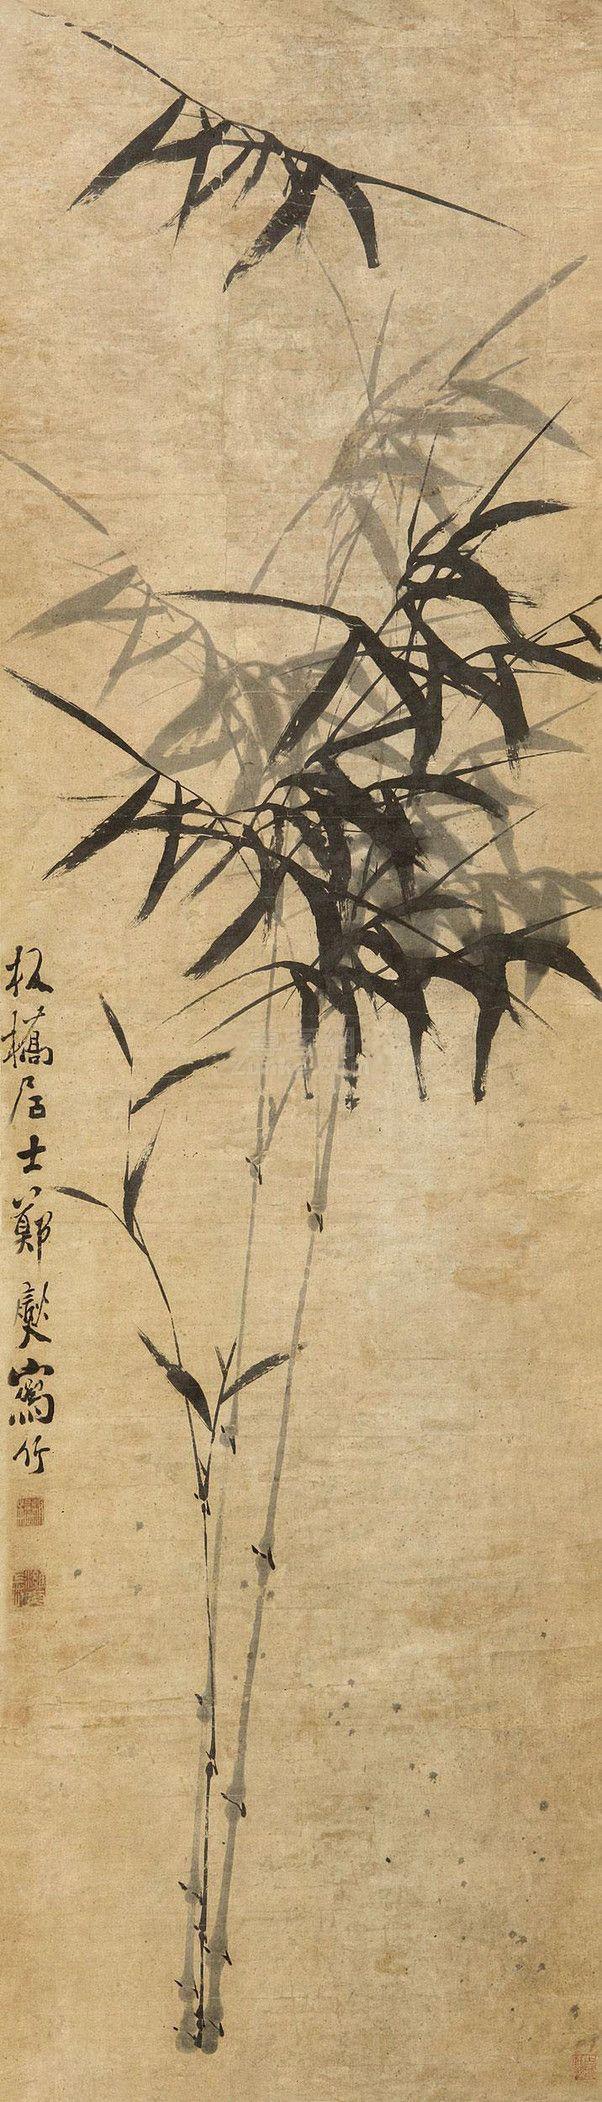 la peinture chinoise traditionnelle                                                                                                                                                                                 Plus